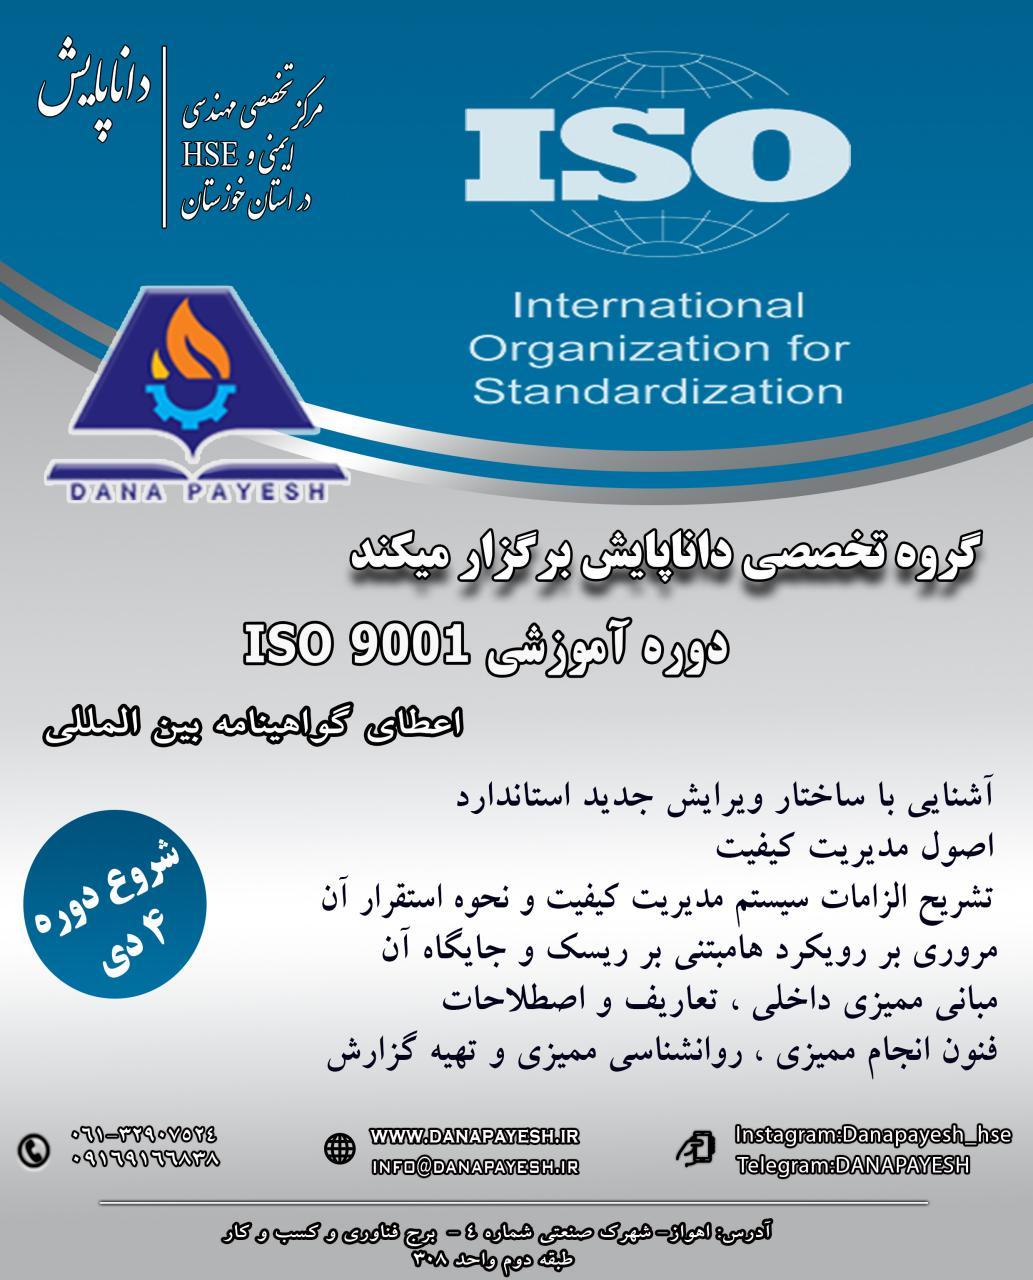 ثبت نام دوره آموزشی ISO 9001 - دی ماه 97